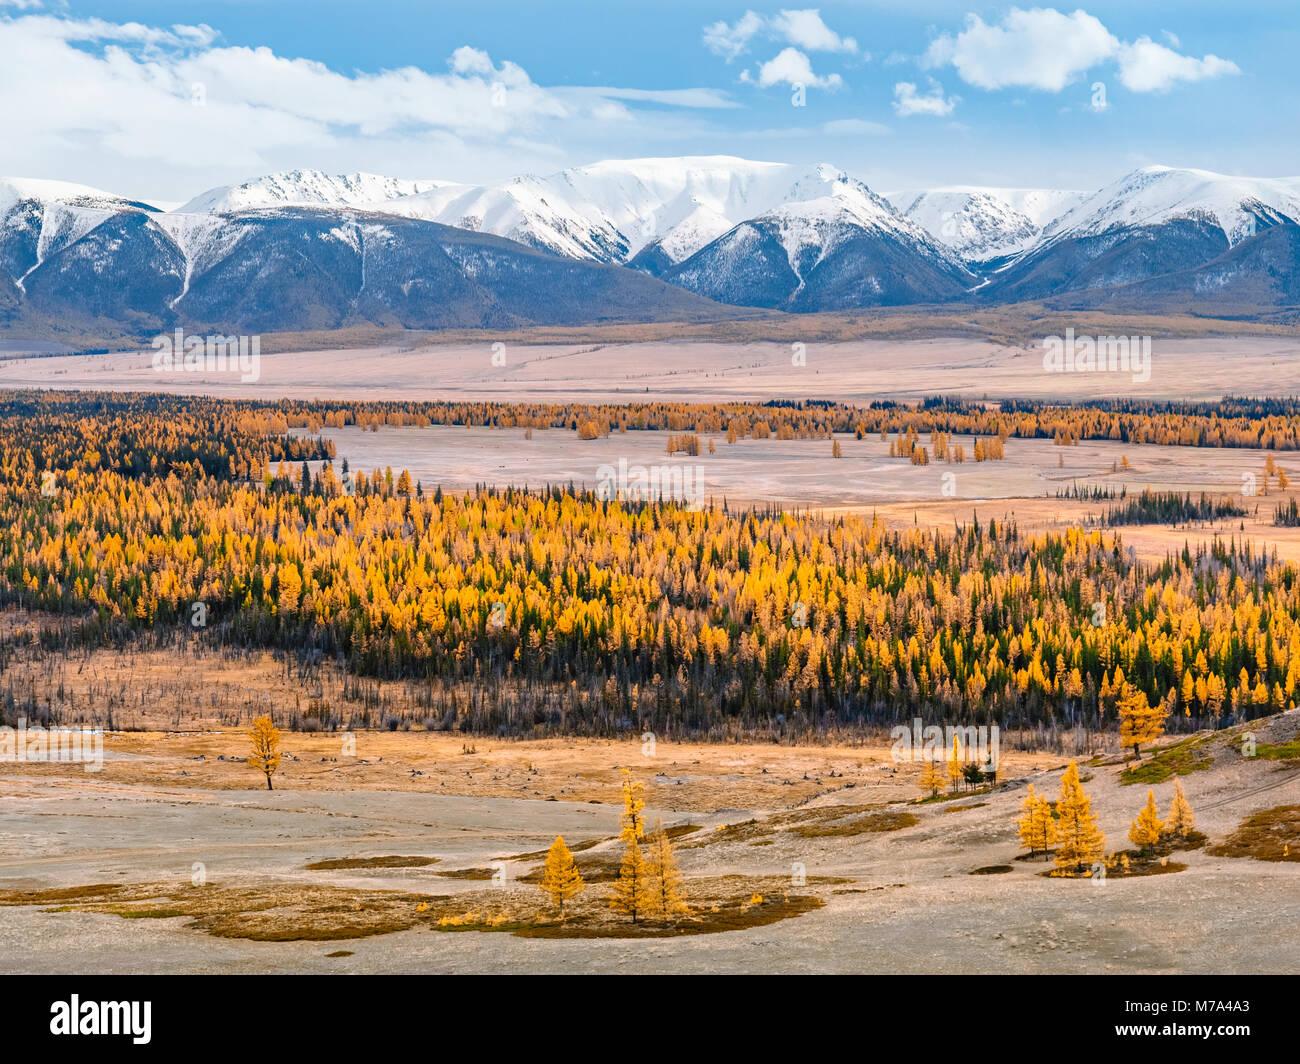 Impresionantes vistas a un gran valle, lleno de alerces de color amarillo, con montañas cubiertas de nieve en el Foto de stock